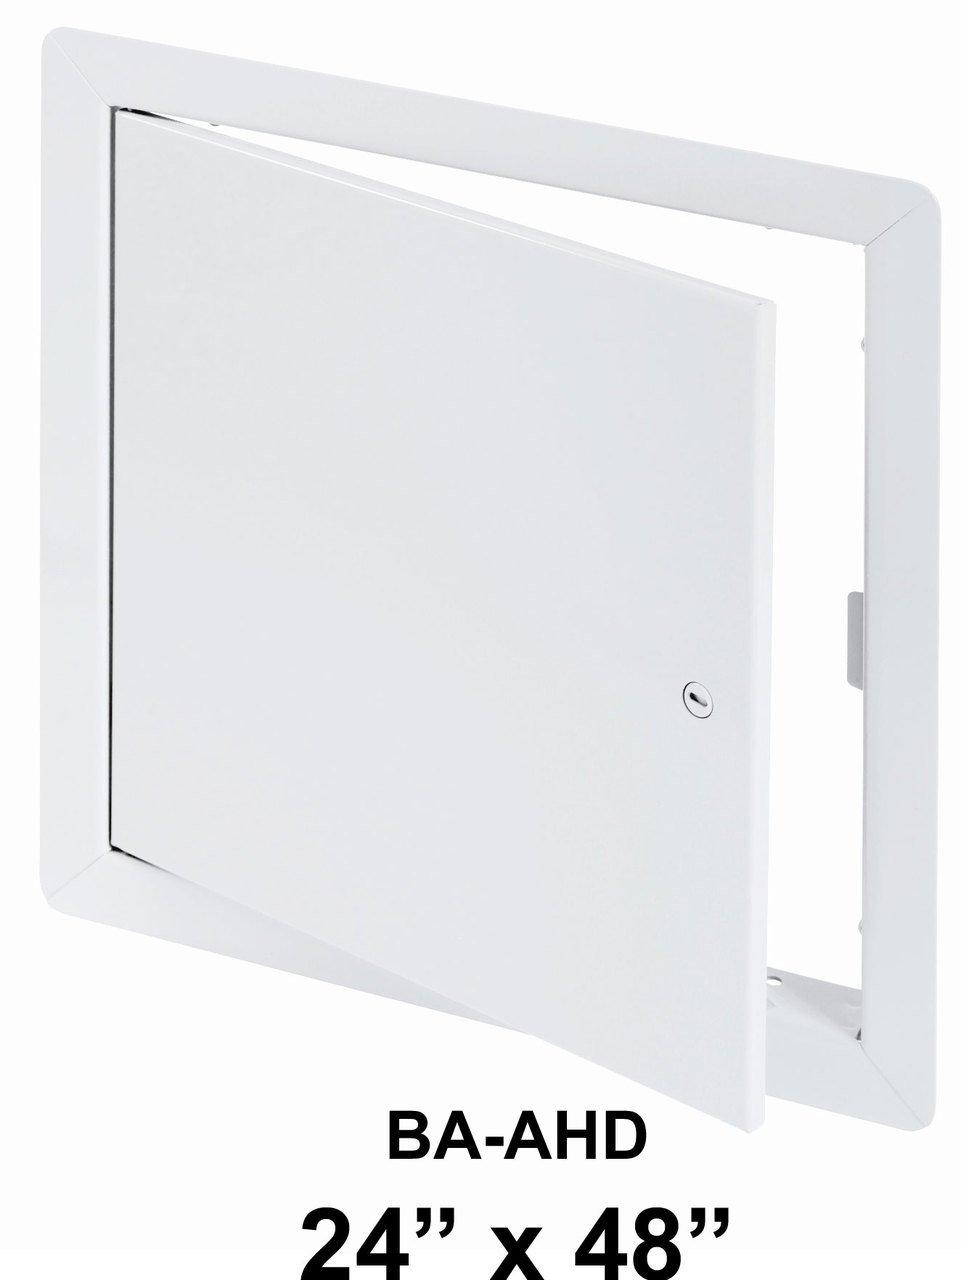 Amazon.com  24  x 48  General Purpose Access Door with Flange  Garden u0026 Outdoor  sc 1 st  Amazon.com & Amazon.com : 24